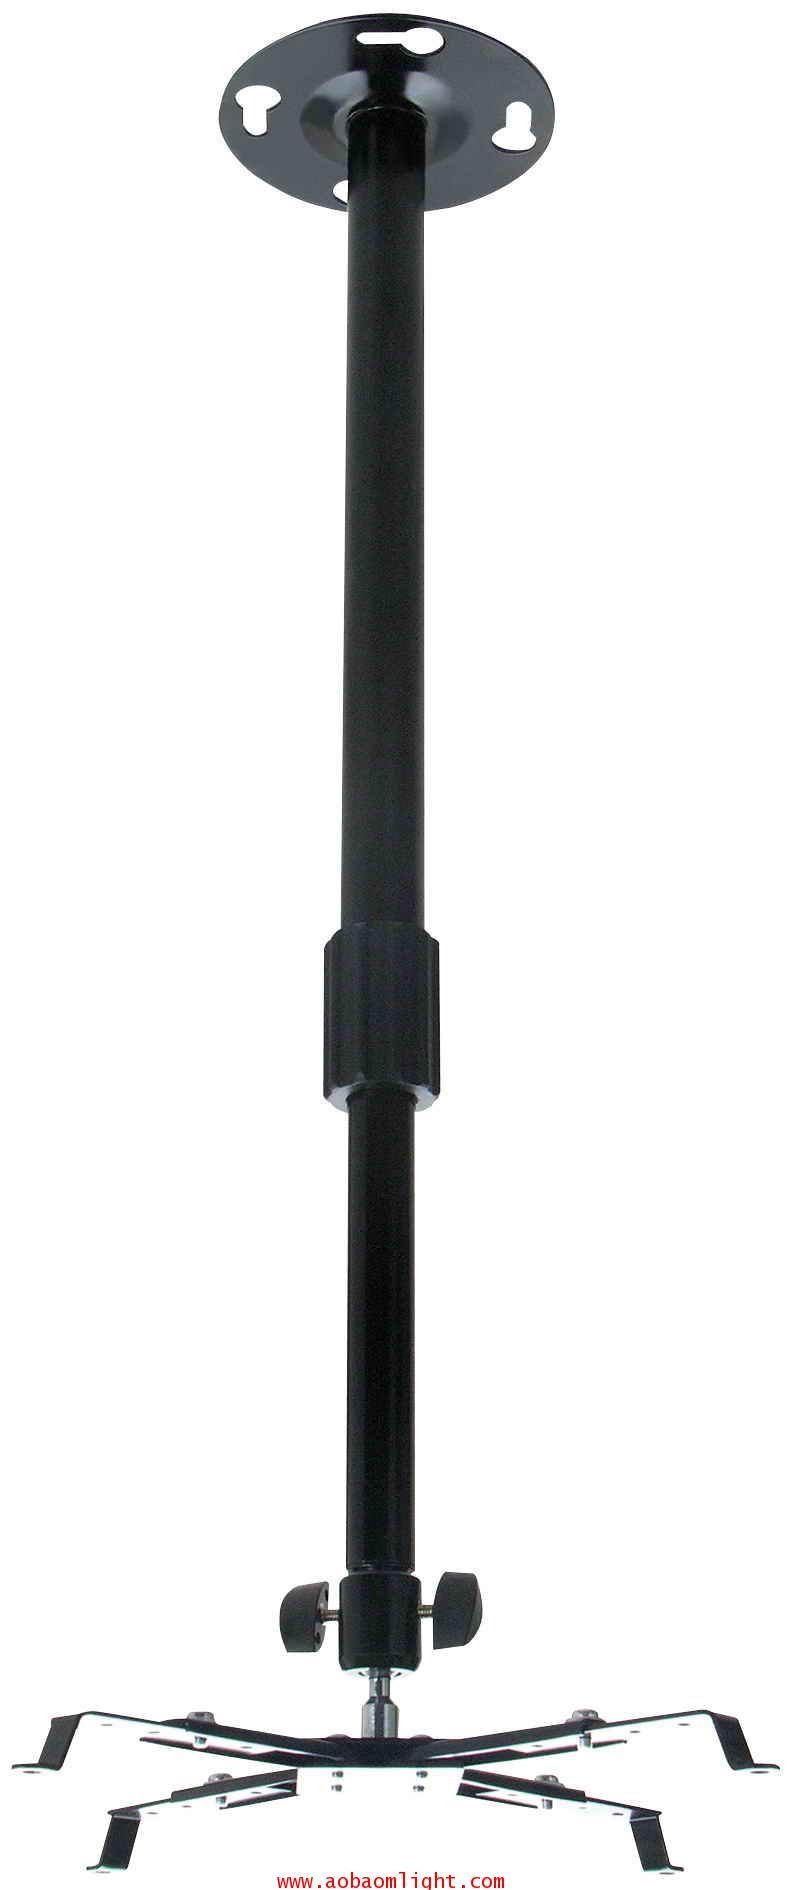 ขาแขวนเครื่องฉายโปรเจ็กเตอร์ Click-101B 650-1100mm